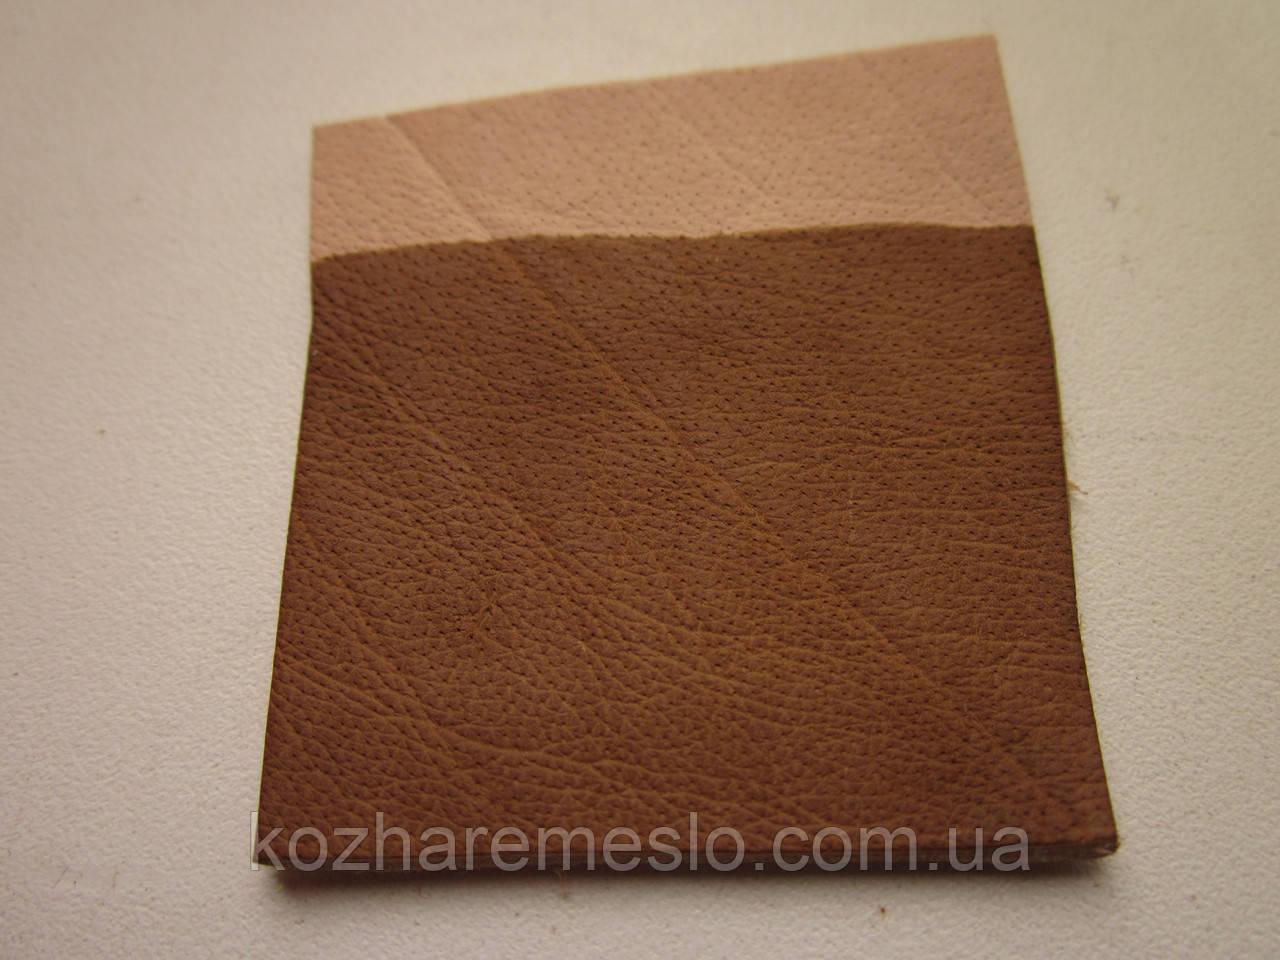 Краска для кожи спиртовая TOLEDO SUPER 200 мл коричнево - оранжевая